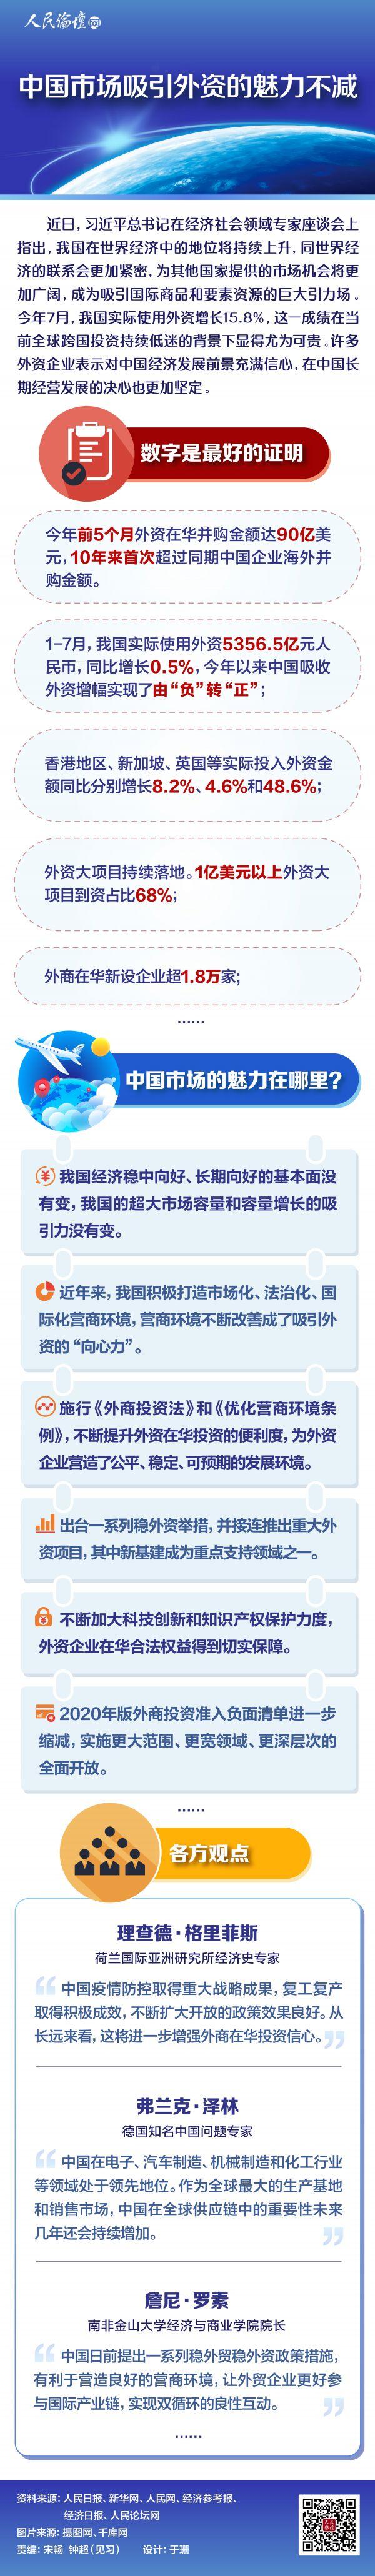 人民论坛图解|人民论坛图解 | 中国市场吸引外资的魅力不减